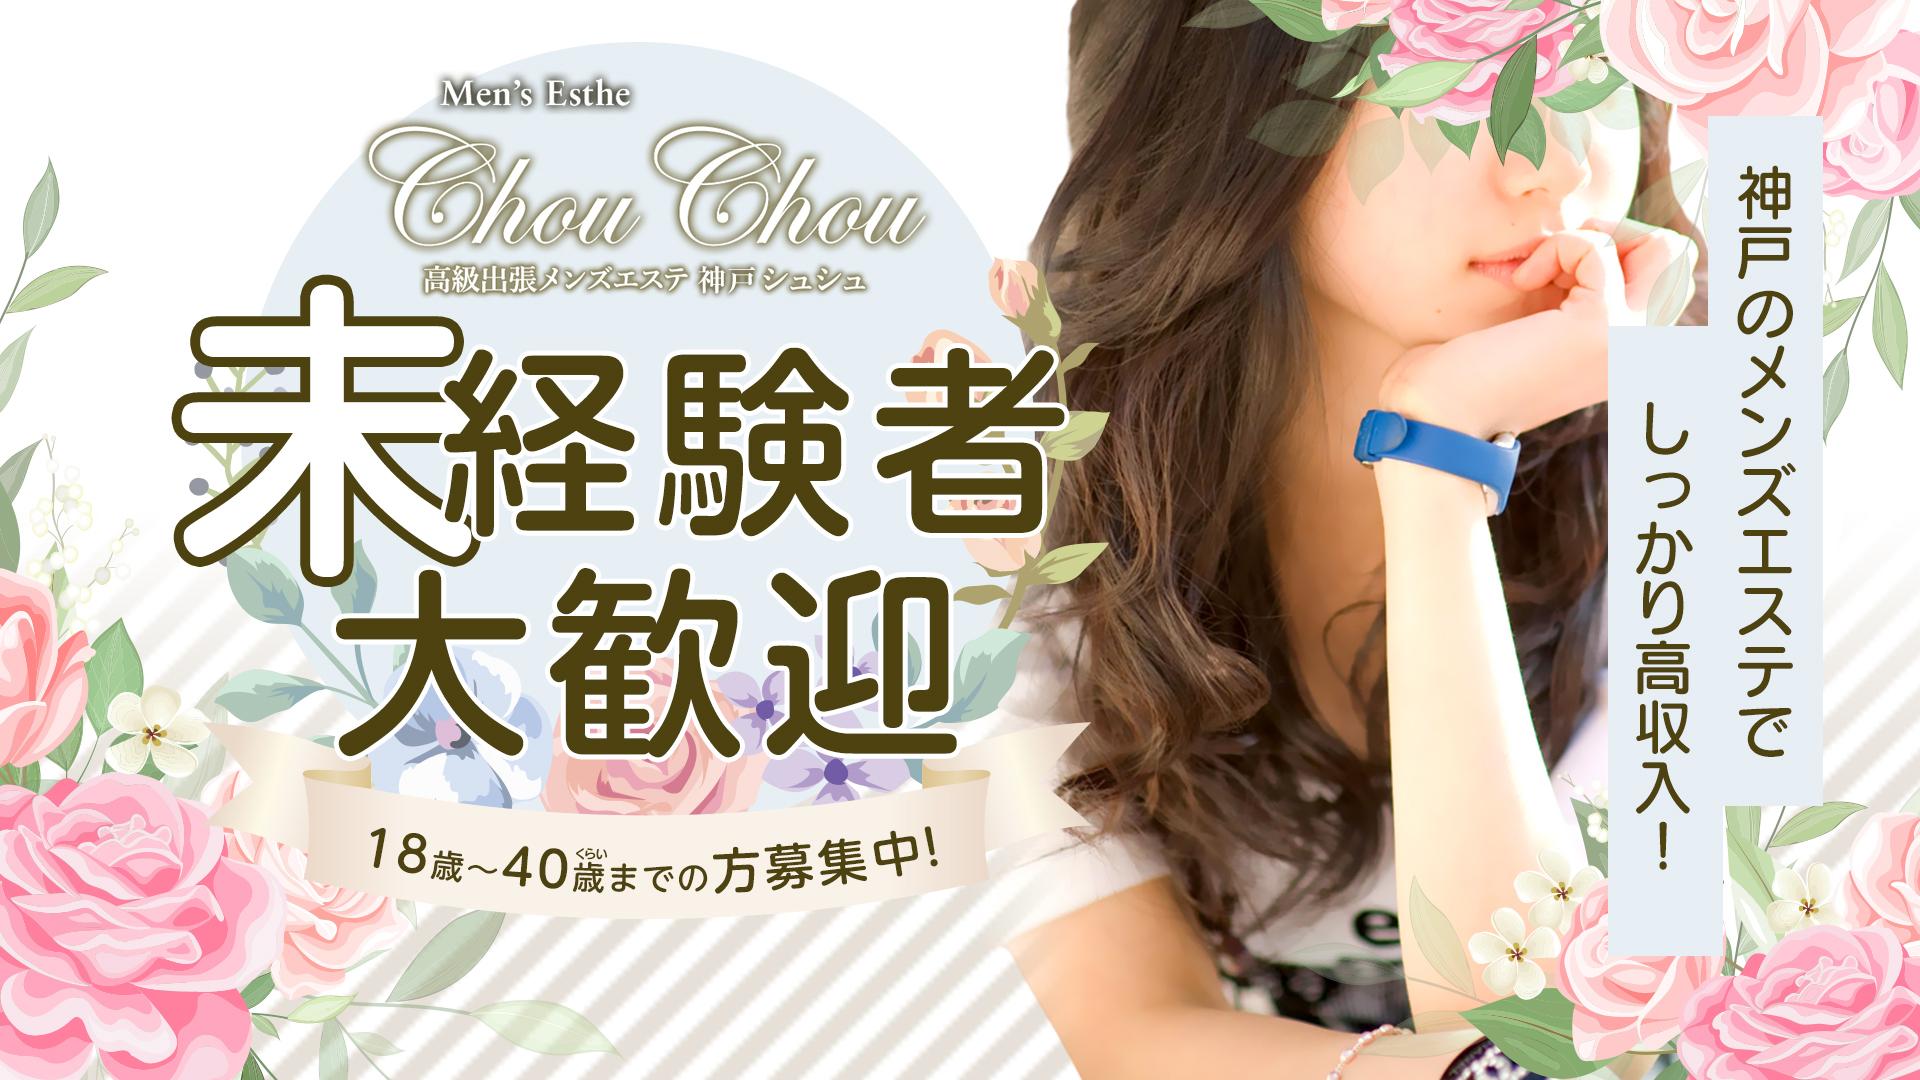 高級出張メンズエステ 神戸ChouChouの求人画像